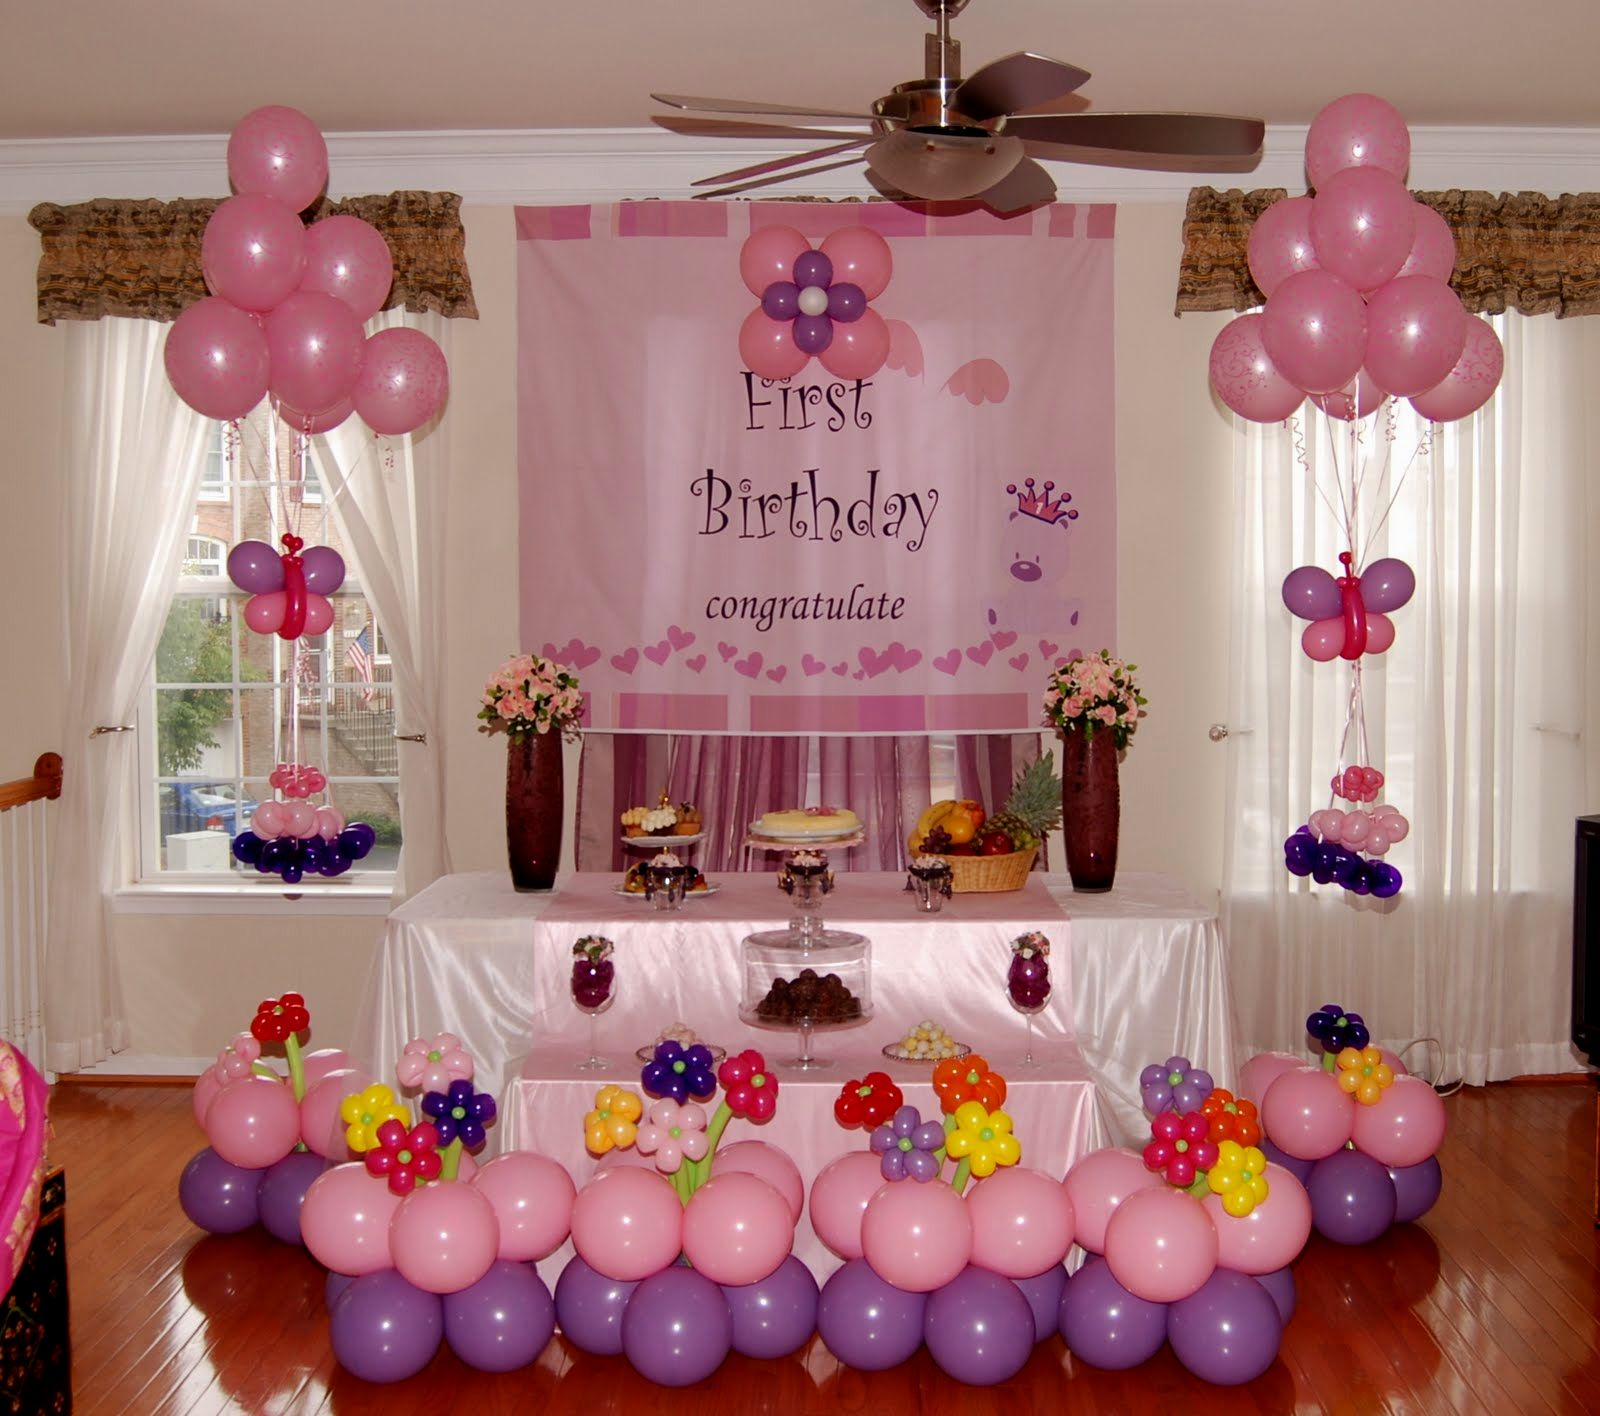 Украсить комнату на день рождения ребенка 1 год своими руками для девочек 11